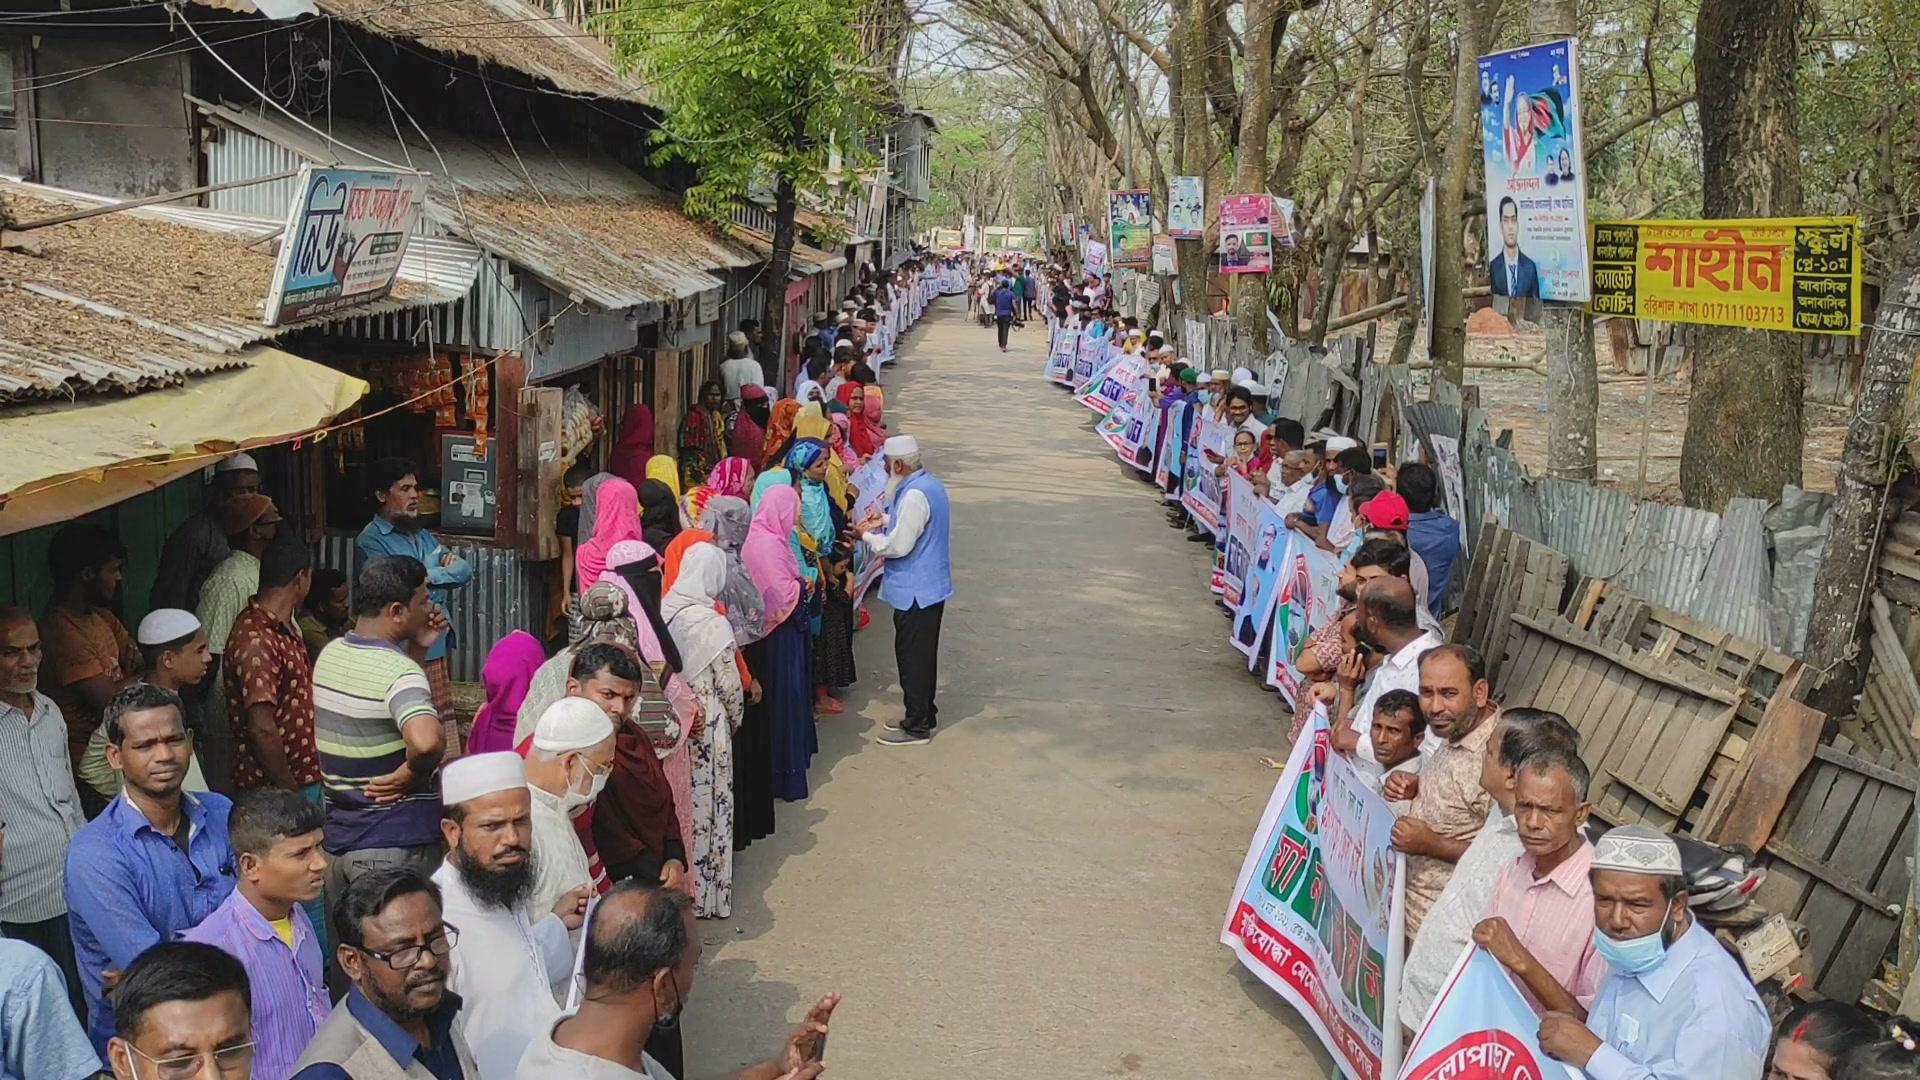 কলাপাড়াকে জেলায় উন্নীত করার দাবিতে সর্বস্তরের মানুষের অংশগ্রহনে দীর্ঘ মানববন্ধন